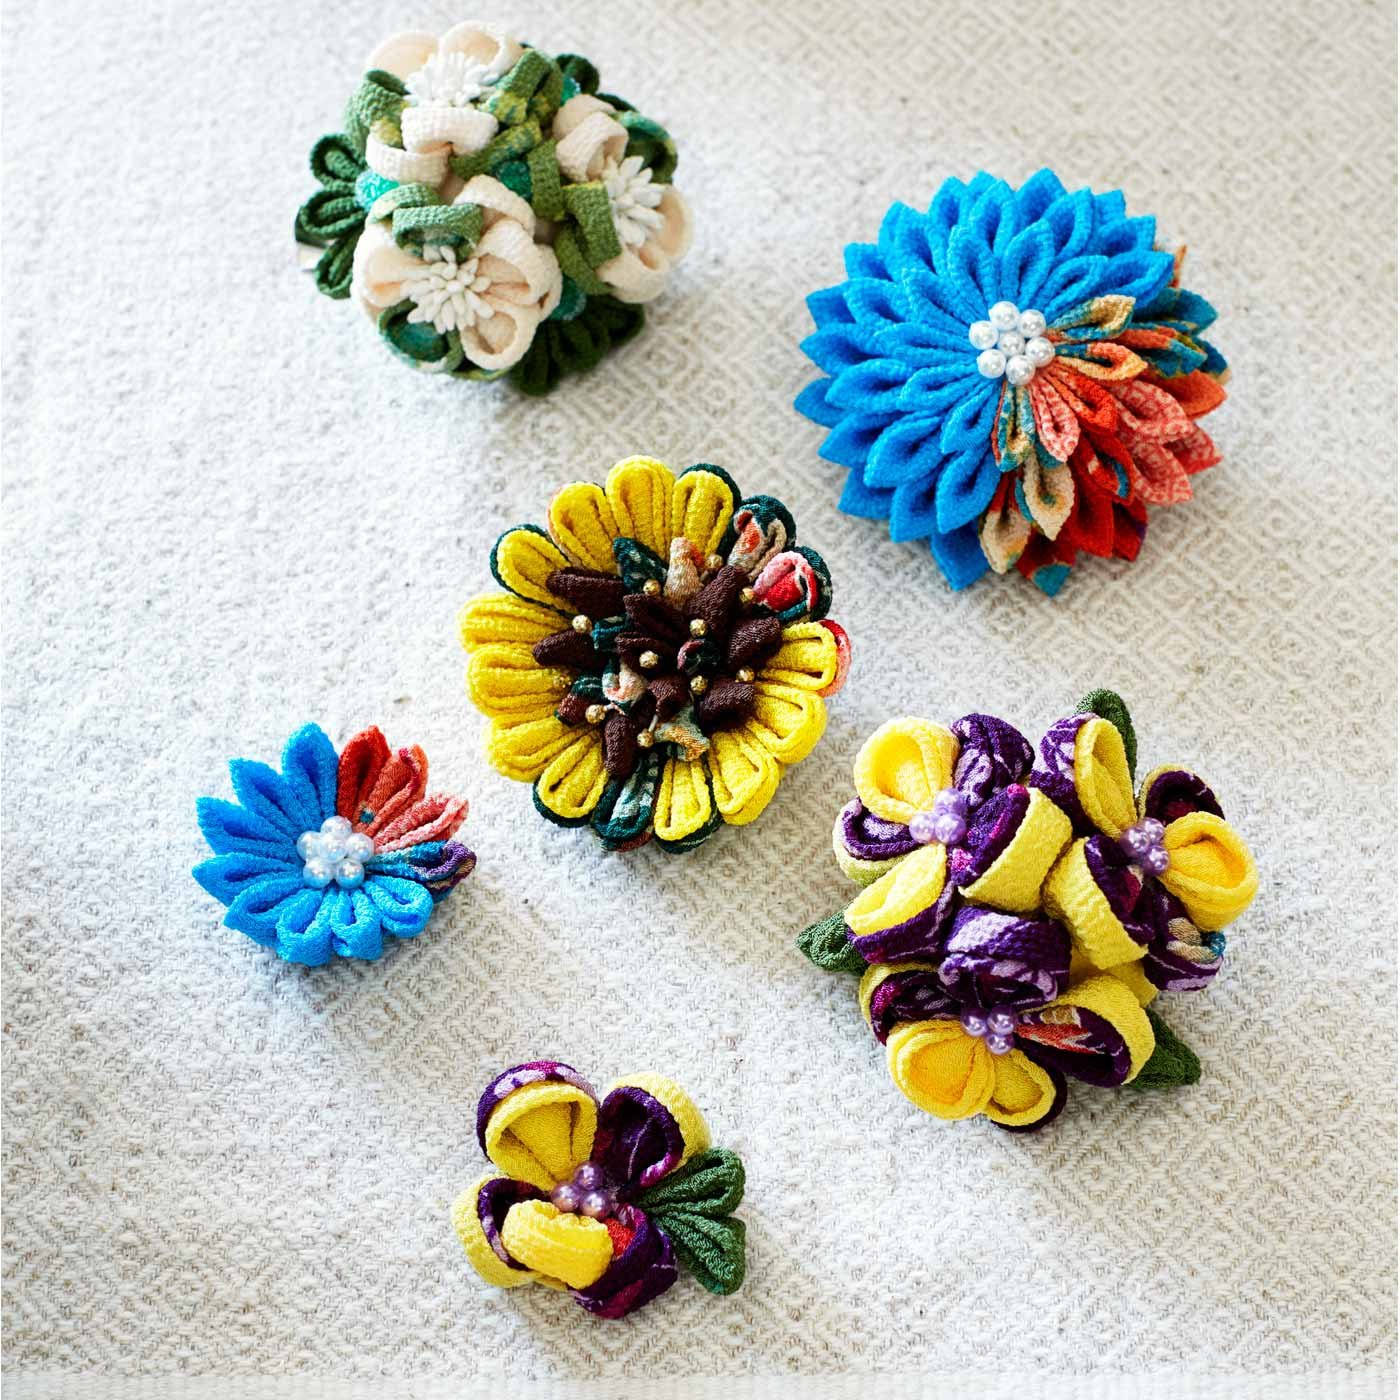 和洋折衷 世界の国花をちりめんで咲かせた つまみ細工